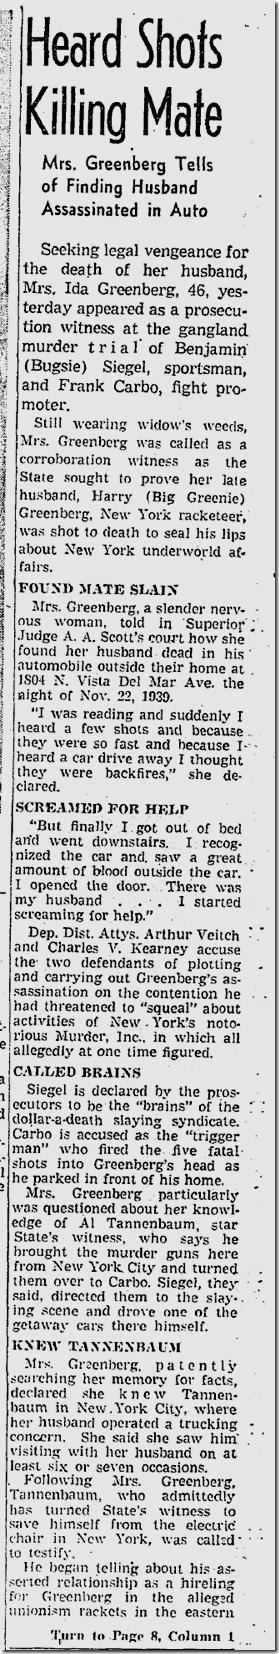 Jan. 27, 1942, Bugsy Siegel Trial